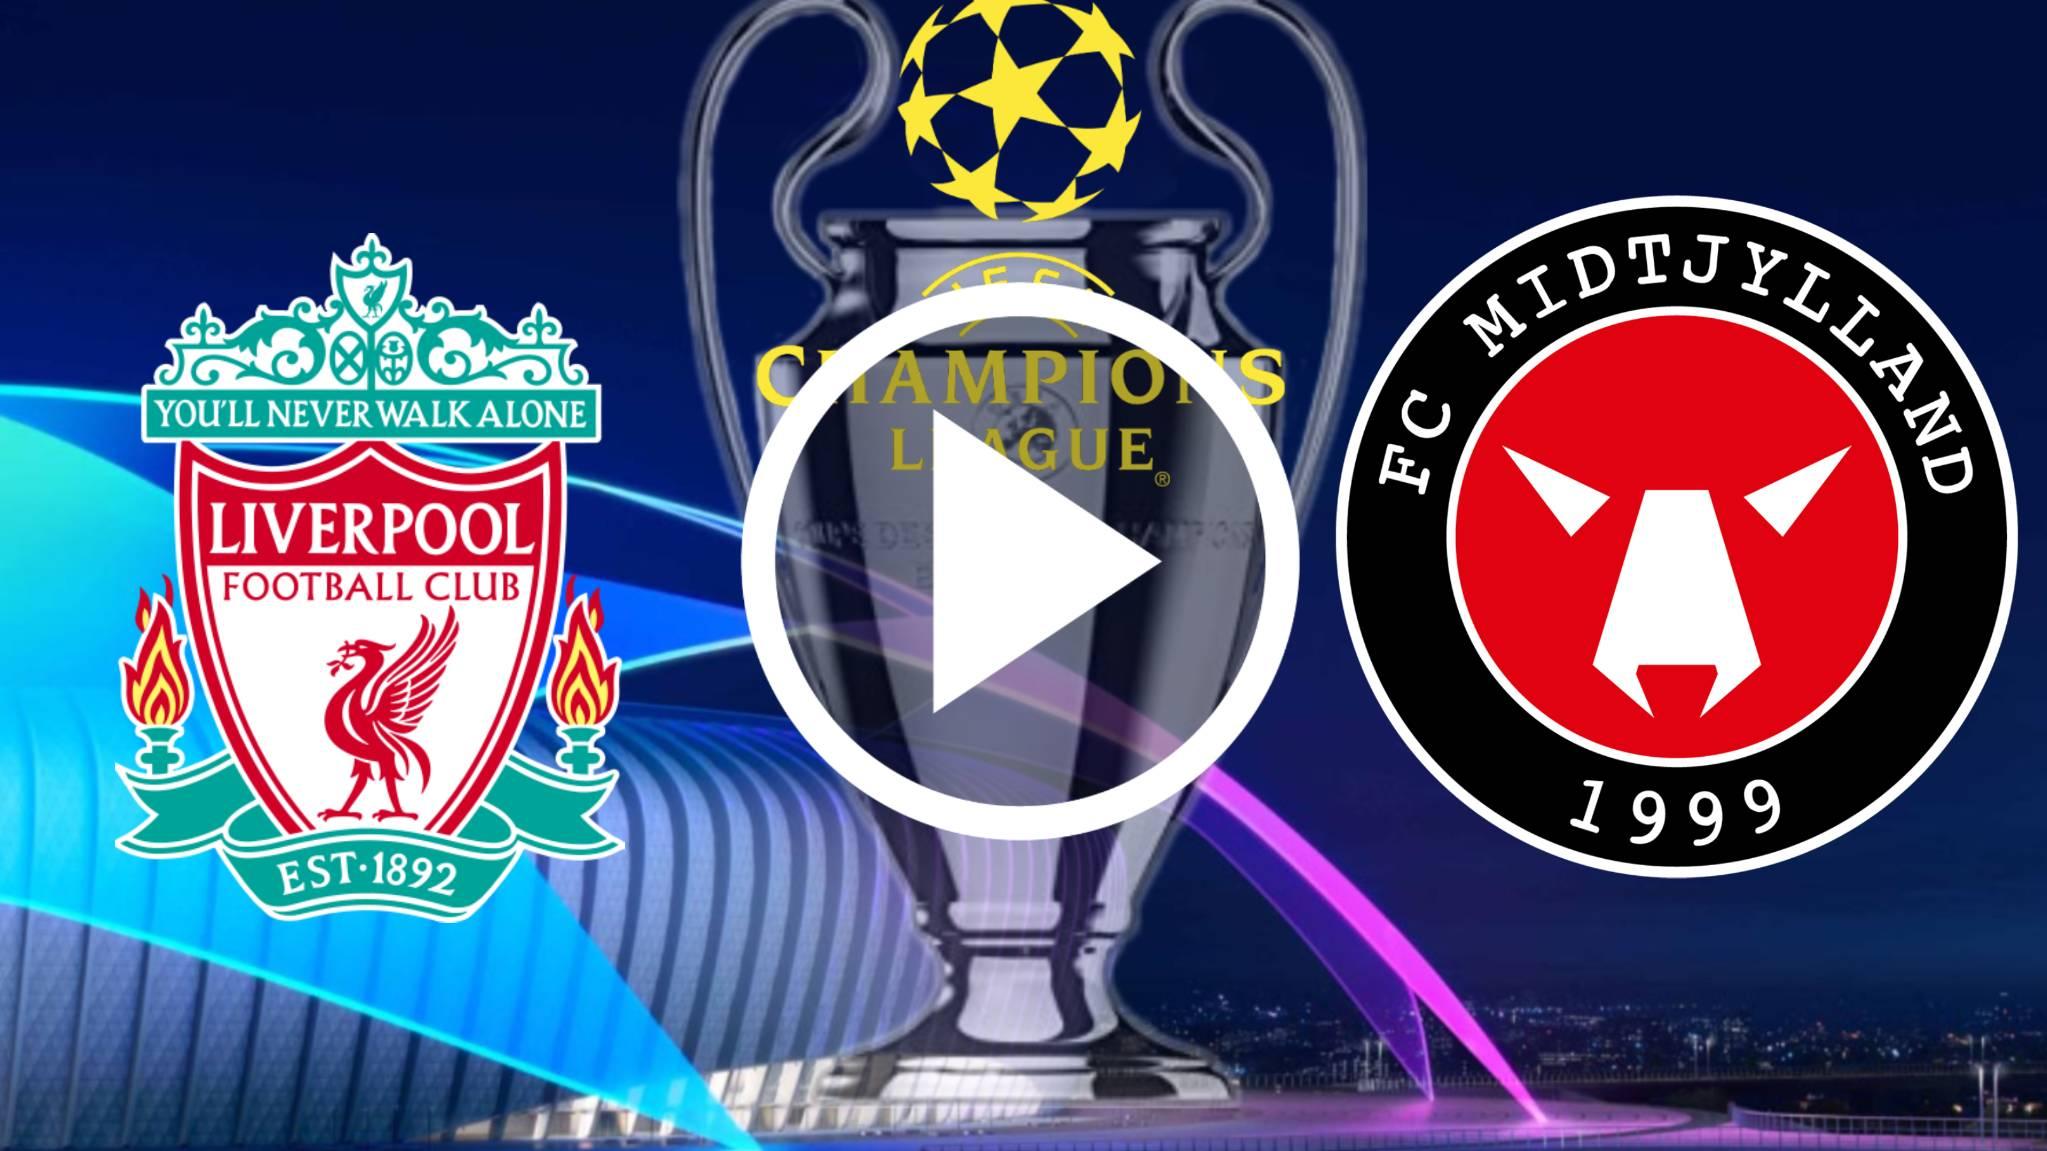 Transmisión en vivo del Liverpool vs Midtjylland